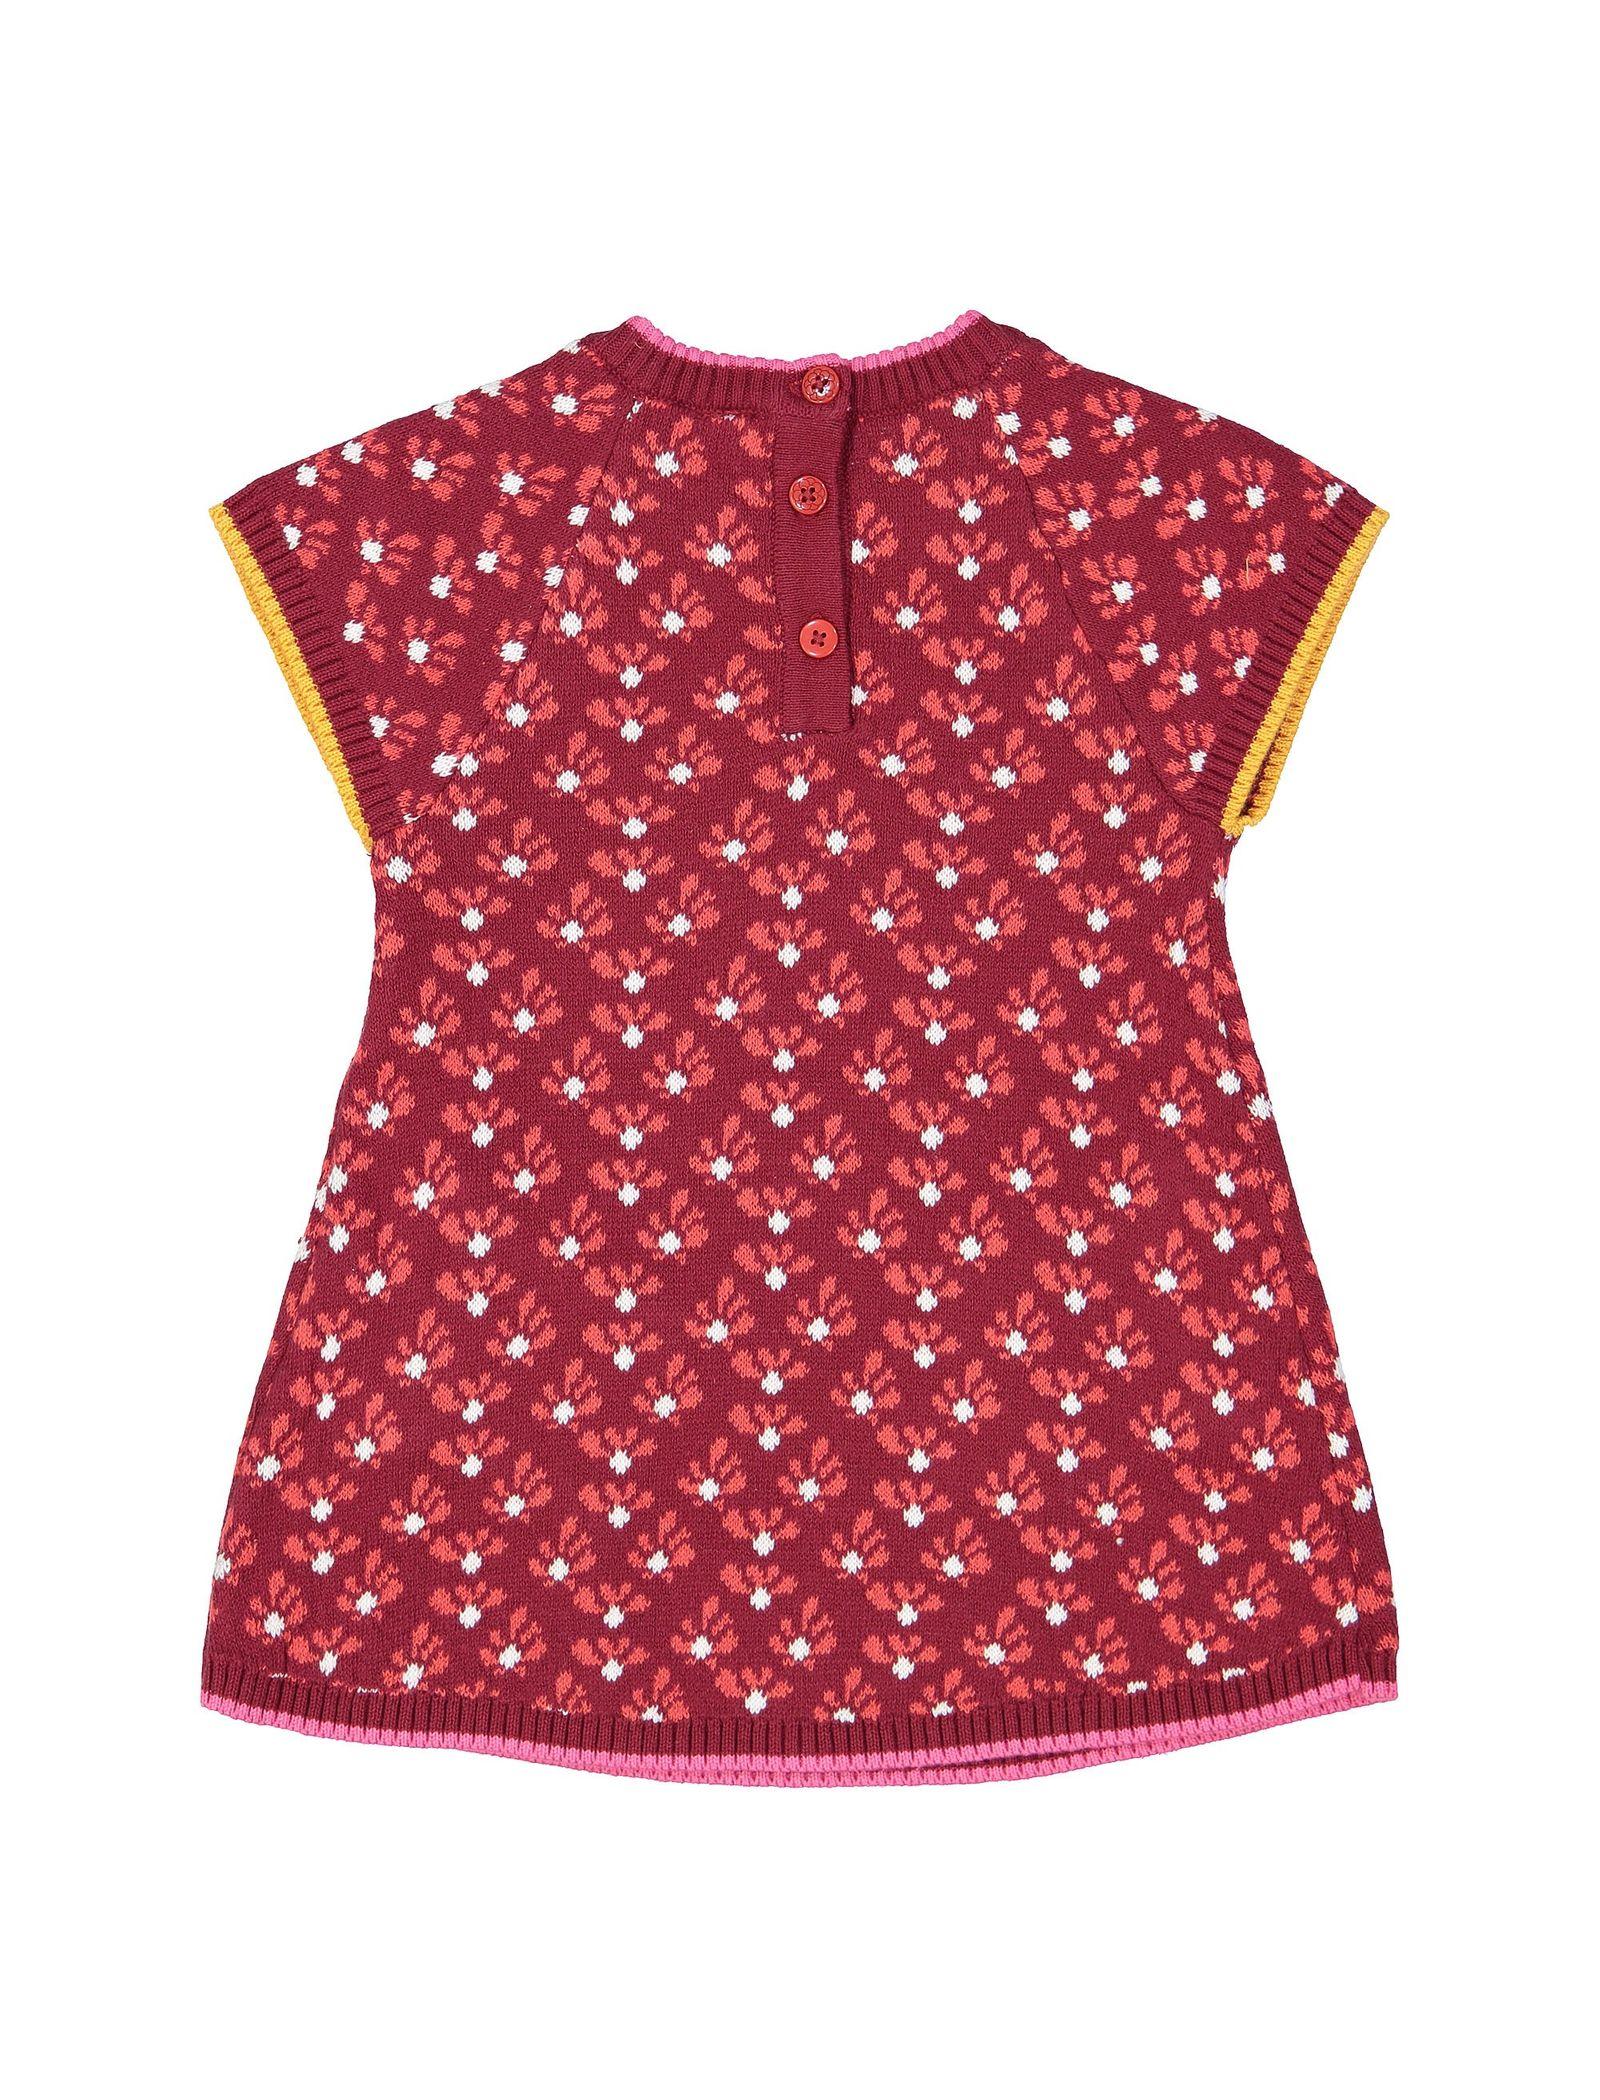 پیراهن بافت نوزادی - ارکسترا - قرمز - 2